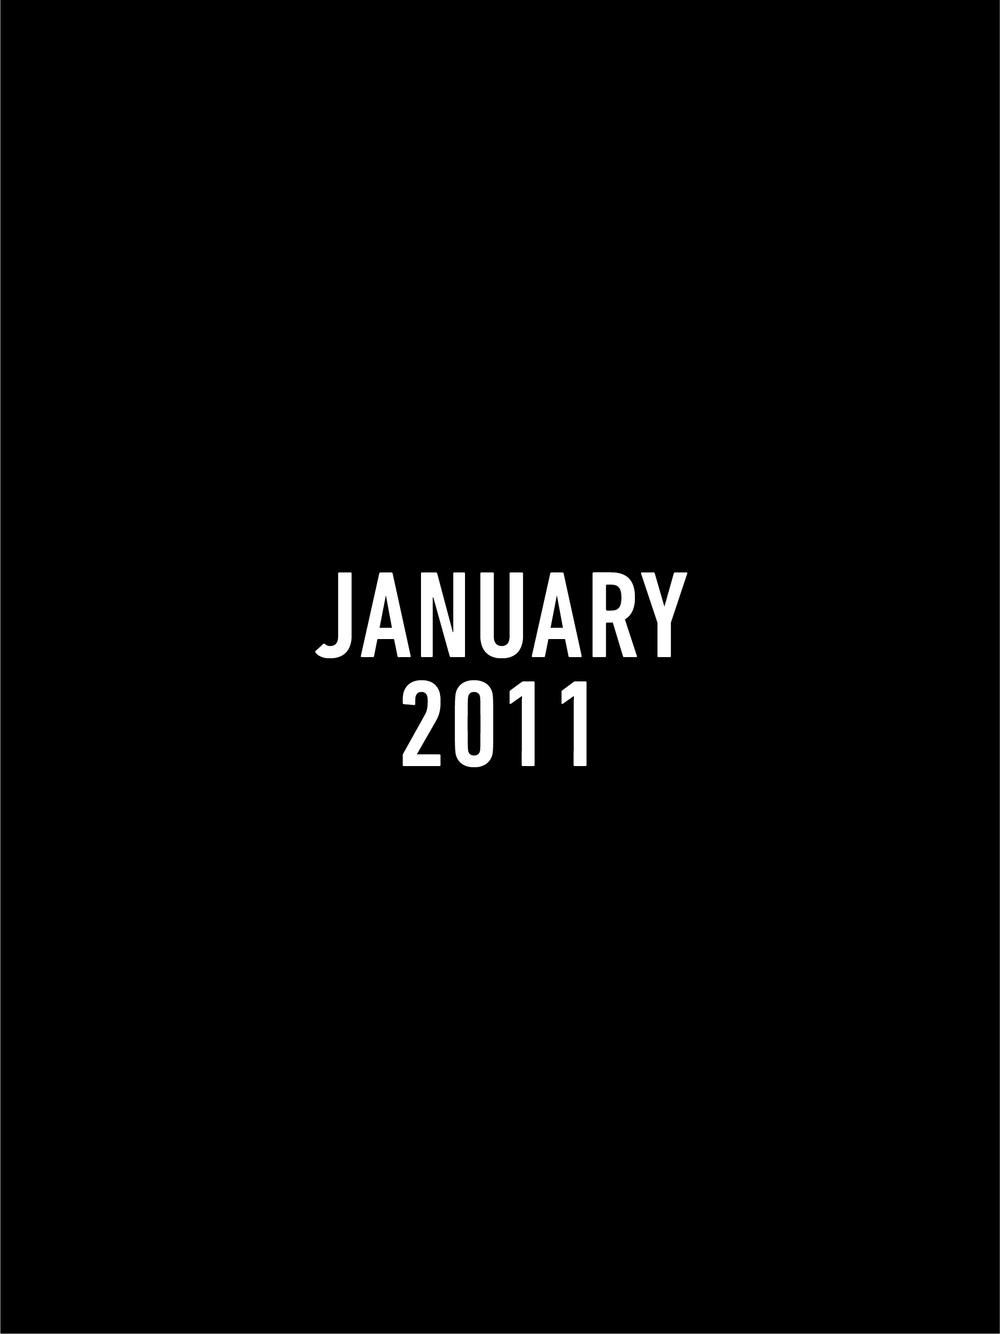 2011 months.jpg